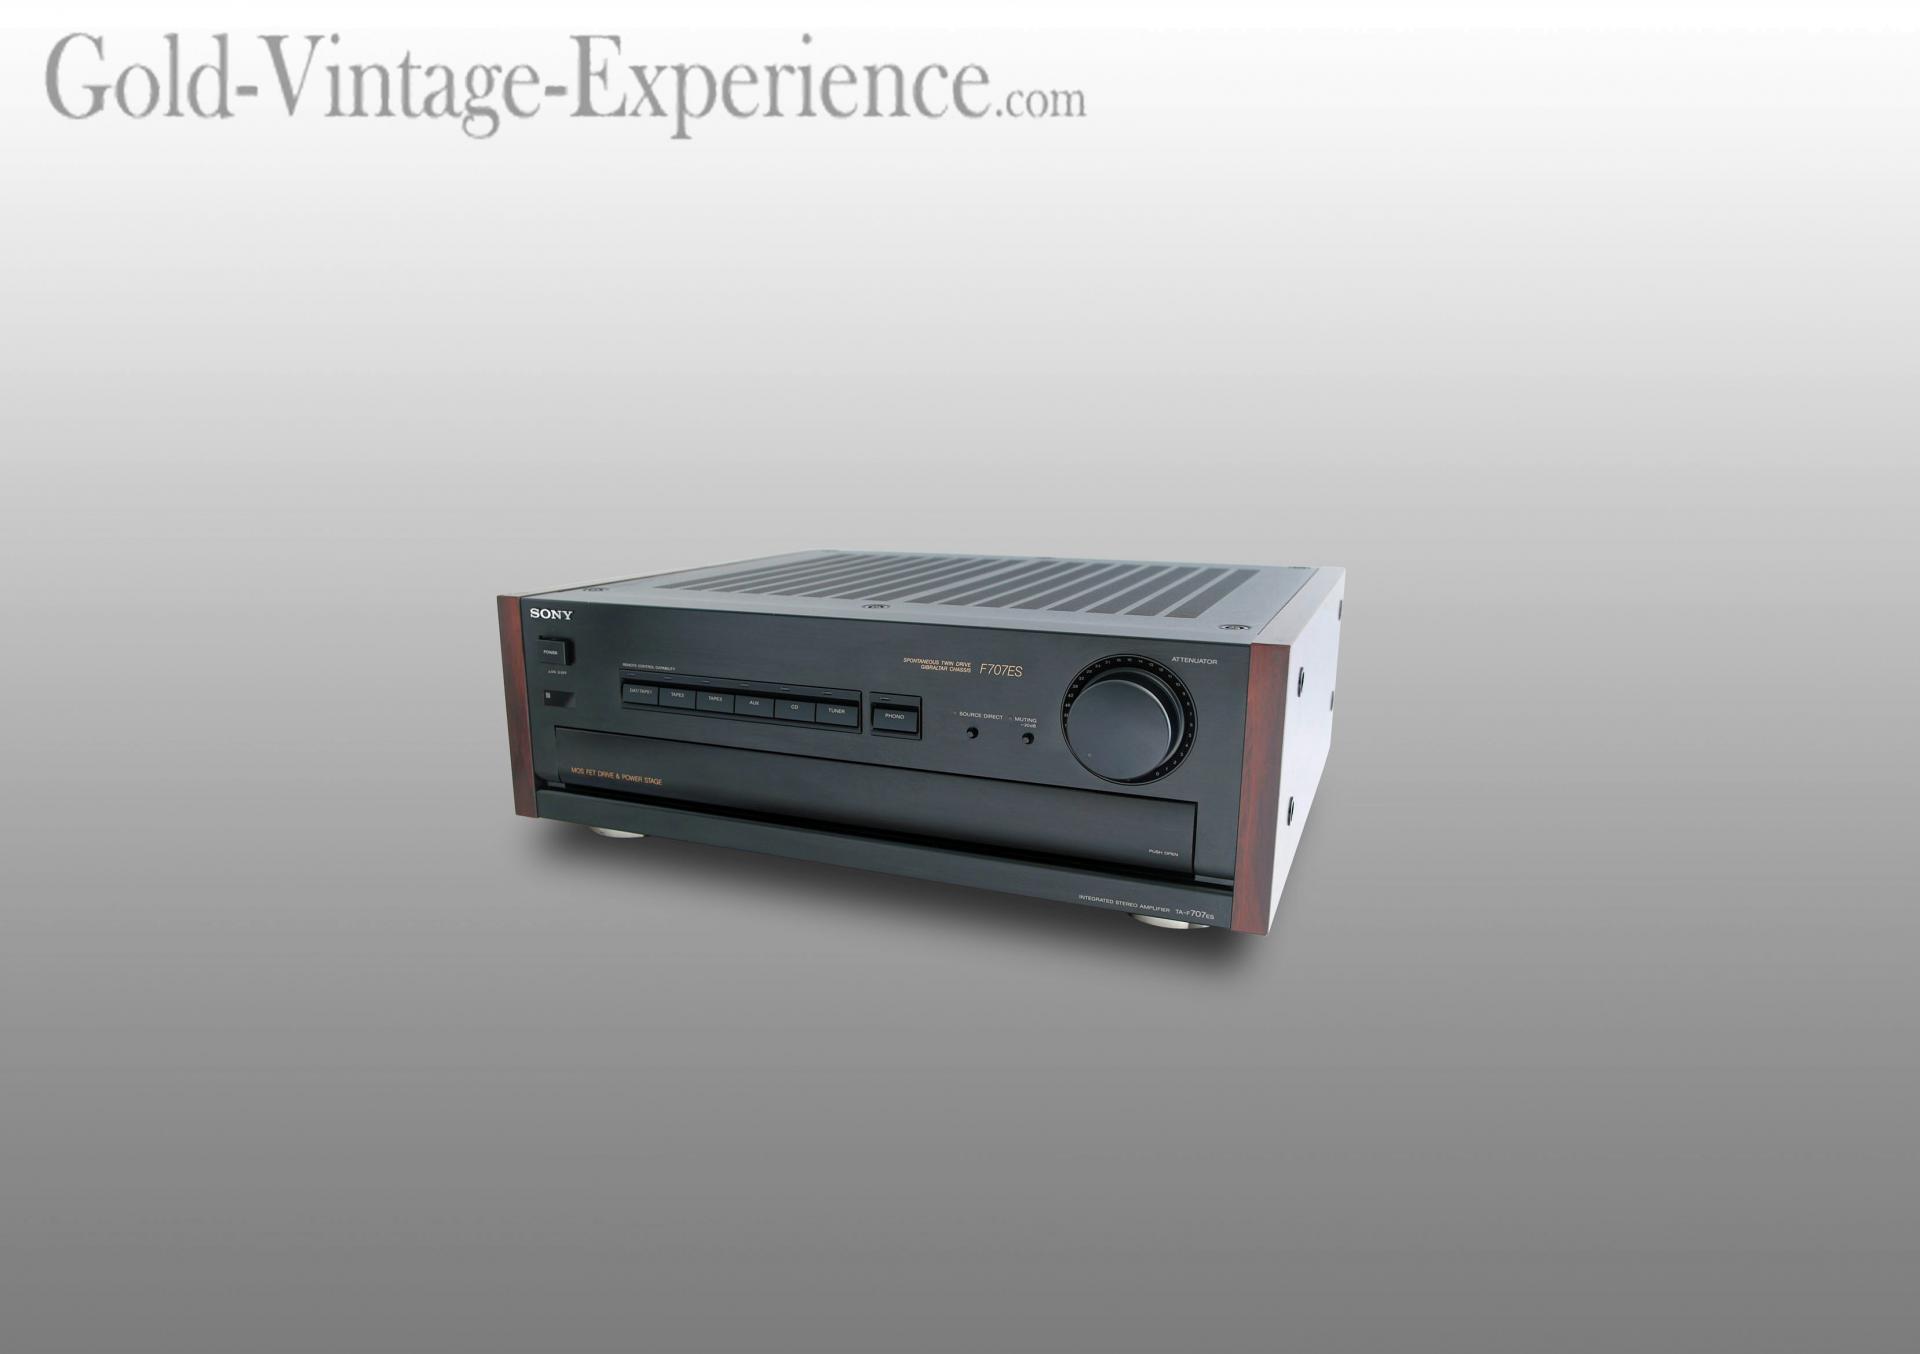 Sony ta f707es